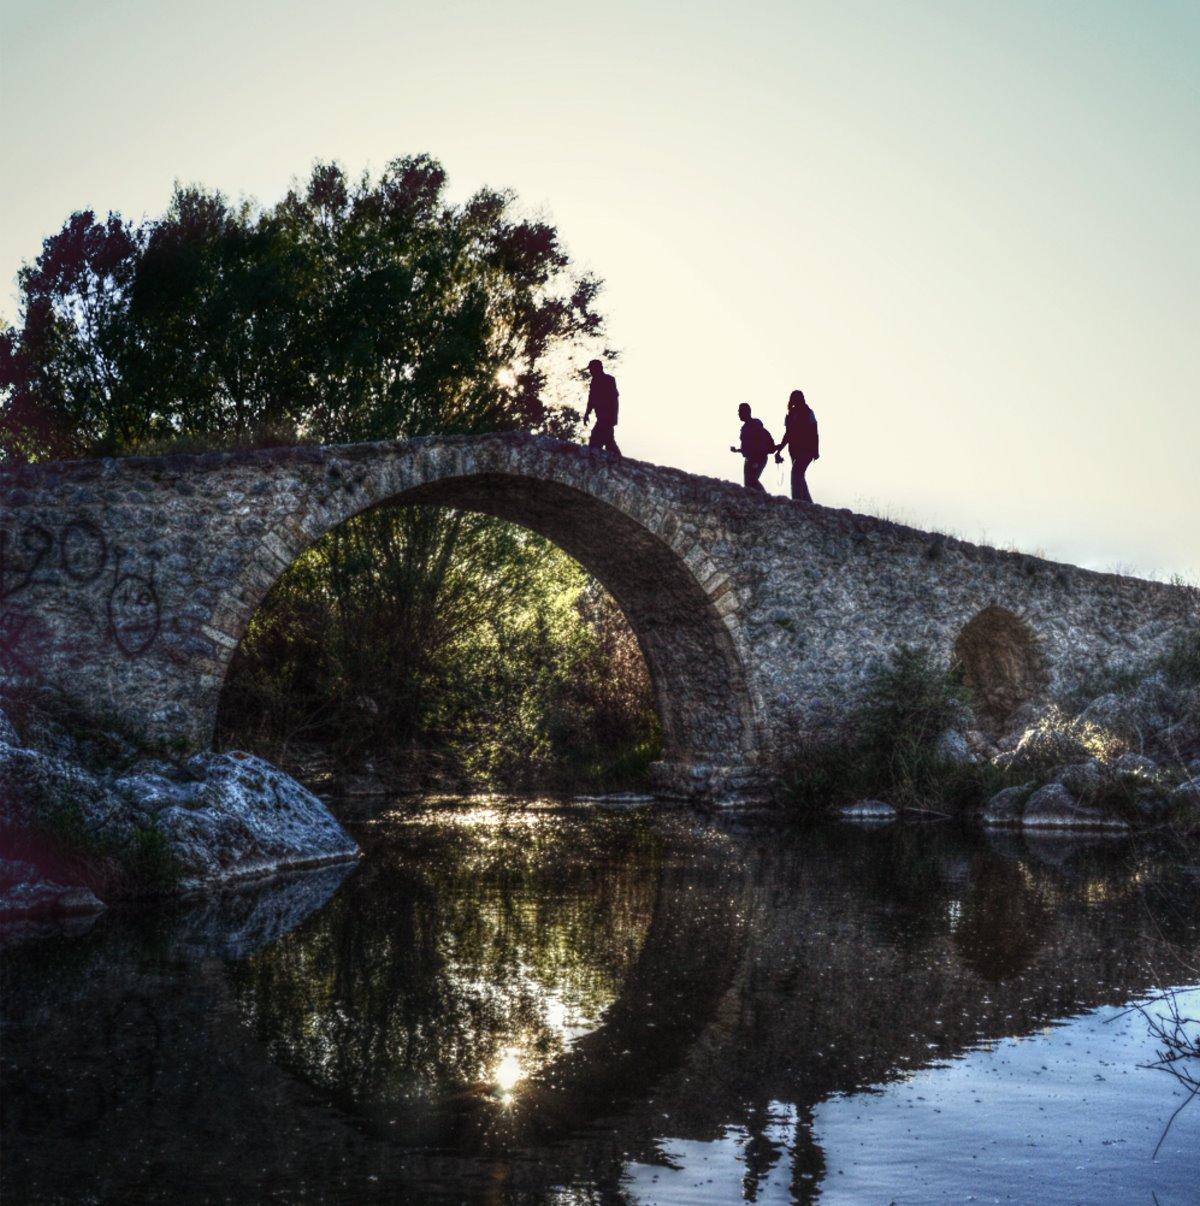 Πέτρινο γεφύρι που θυμίζει Ζαγόρι στην Αθήνα